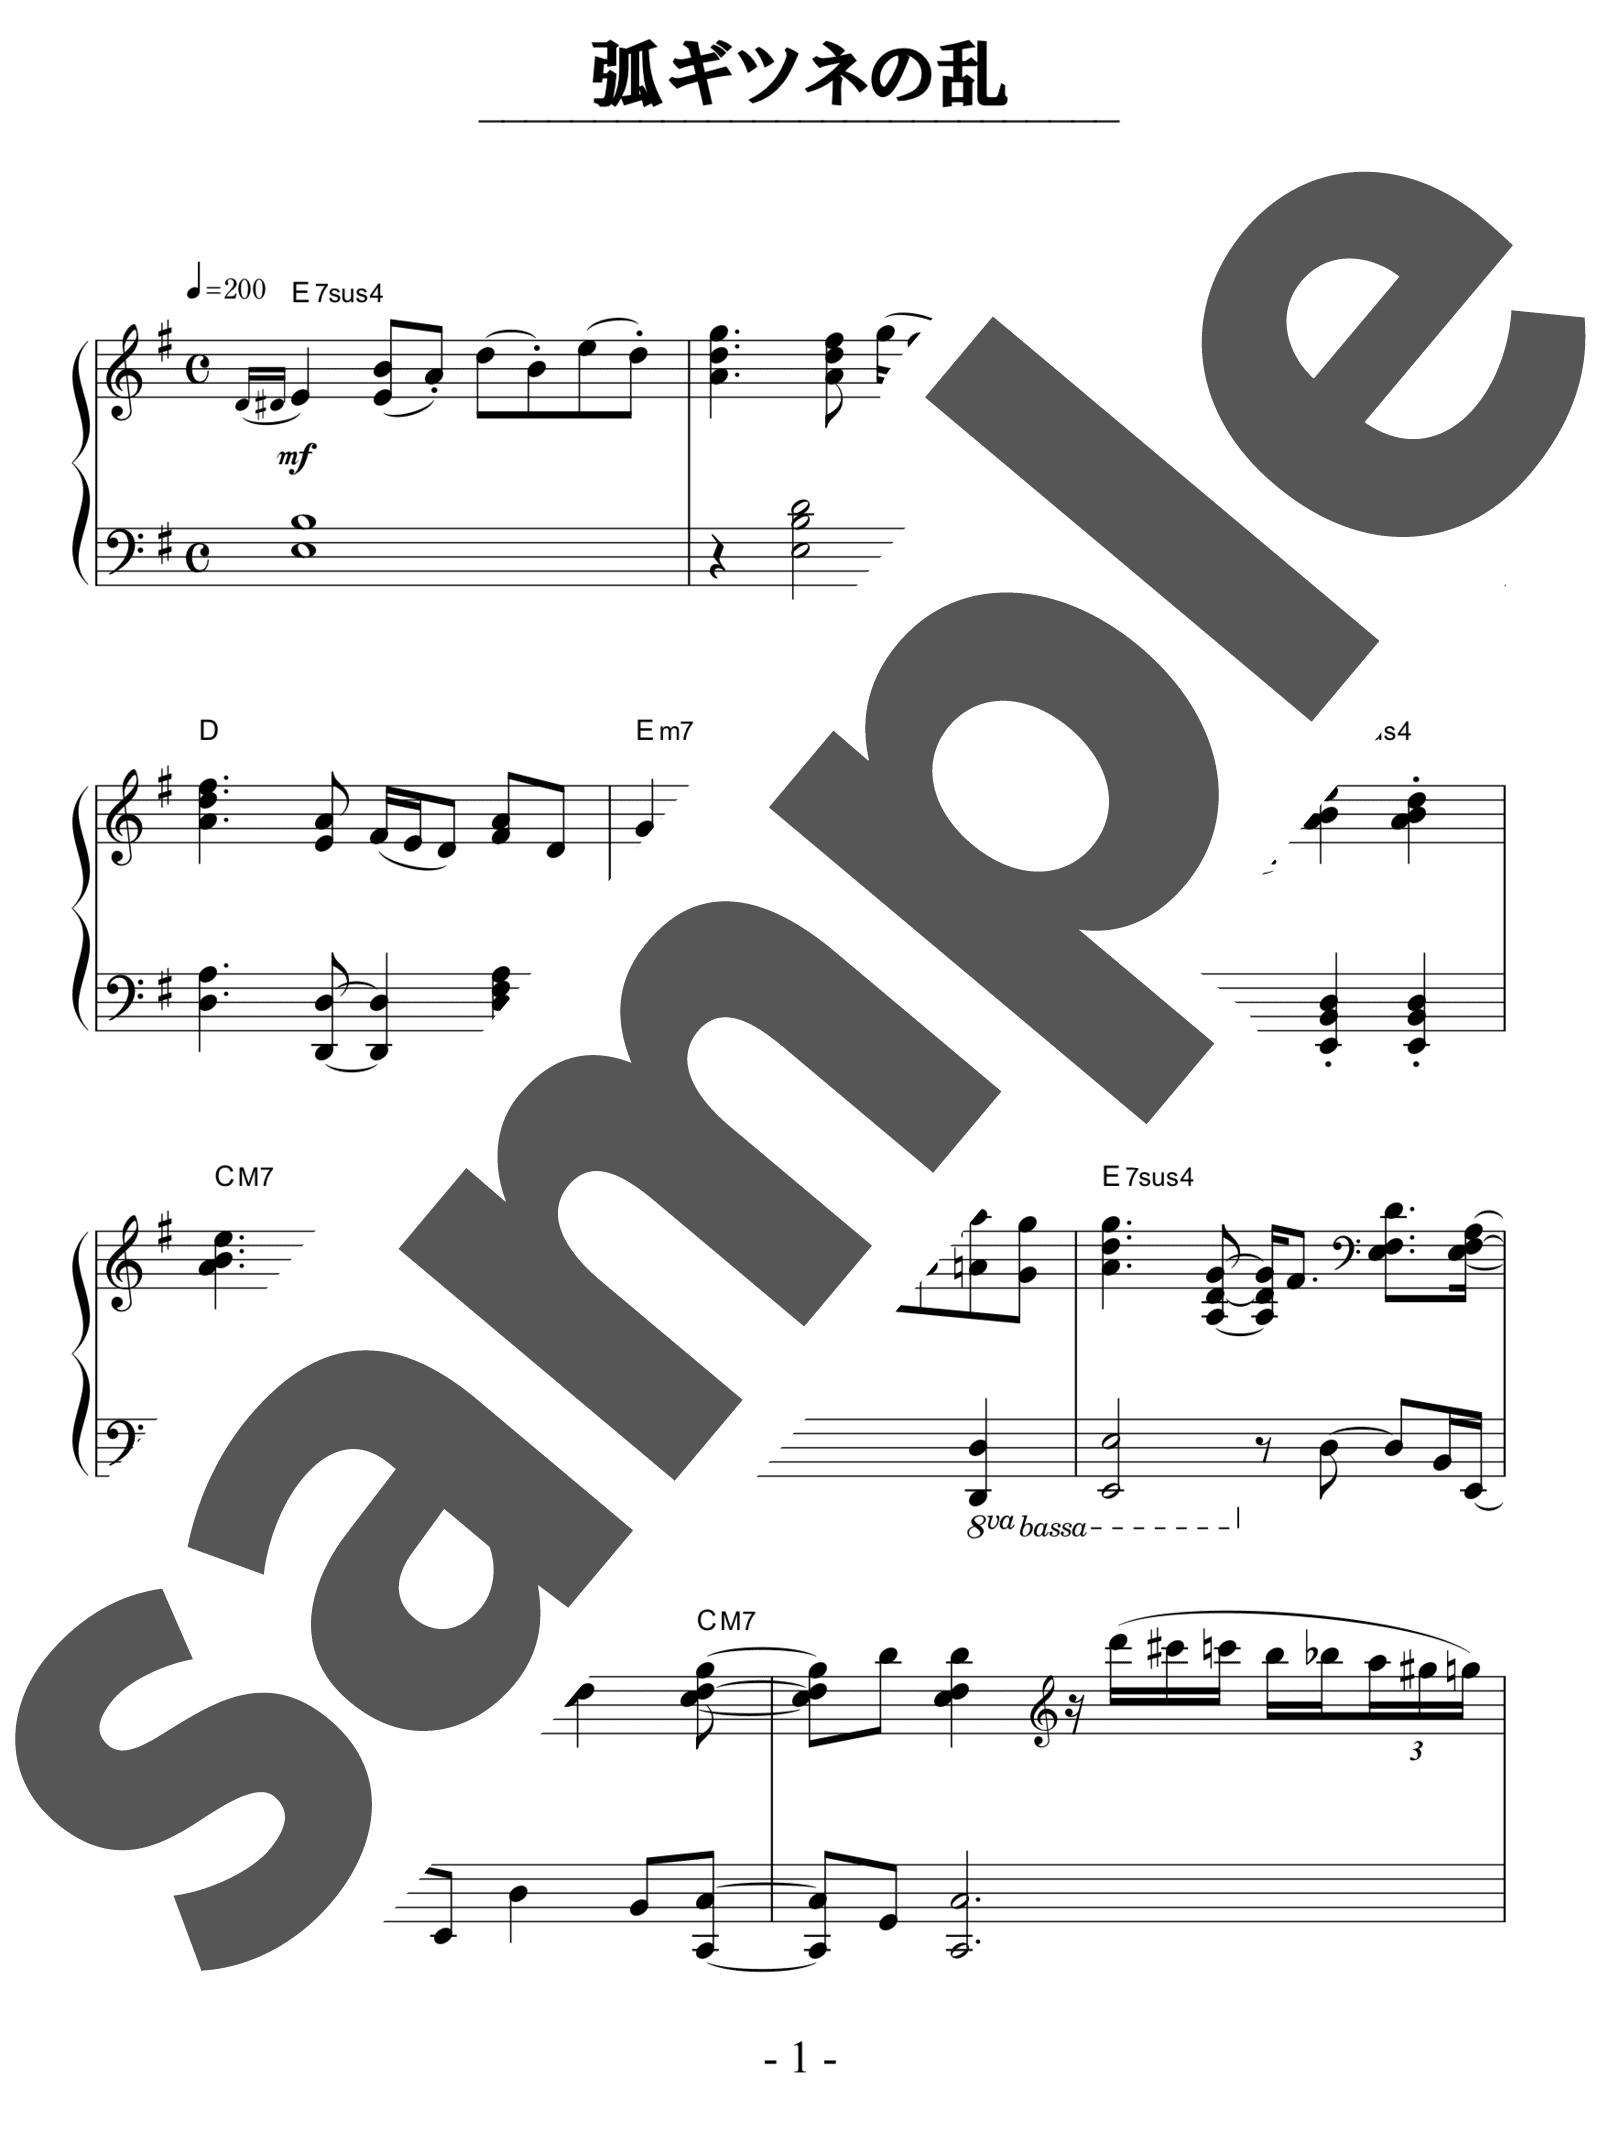 「弧ギツネの乱」のサンプル楽譜